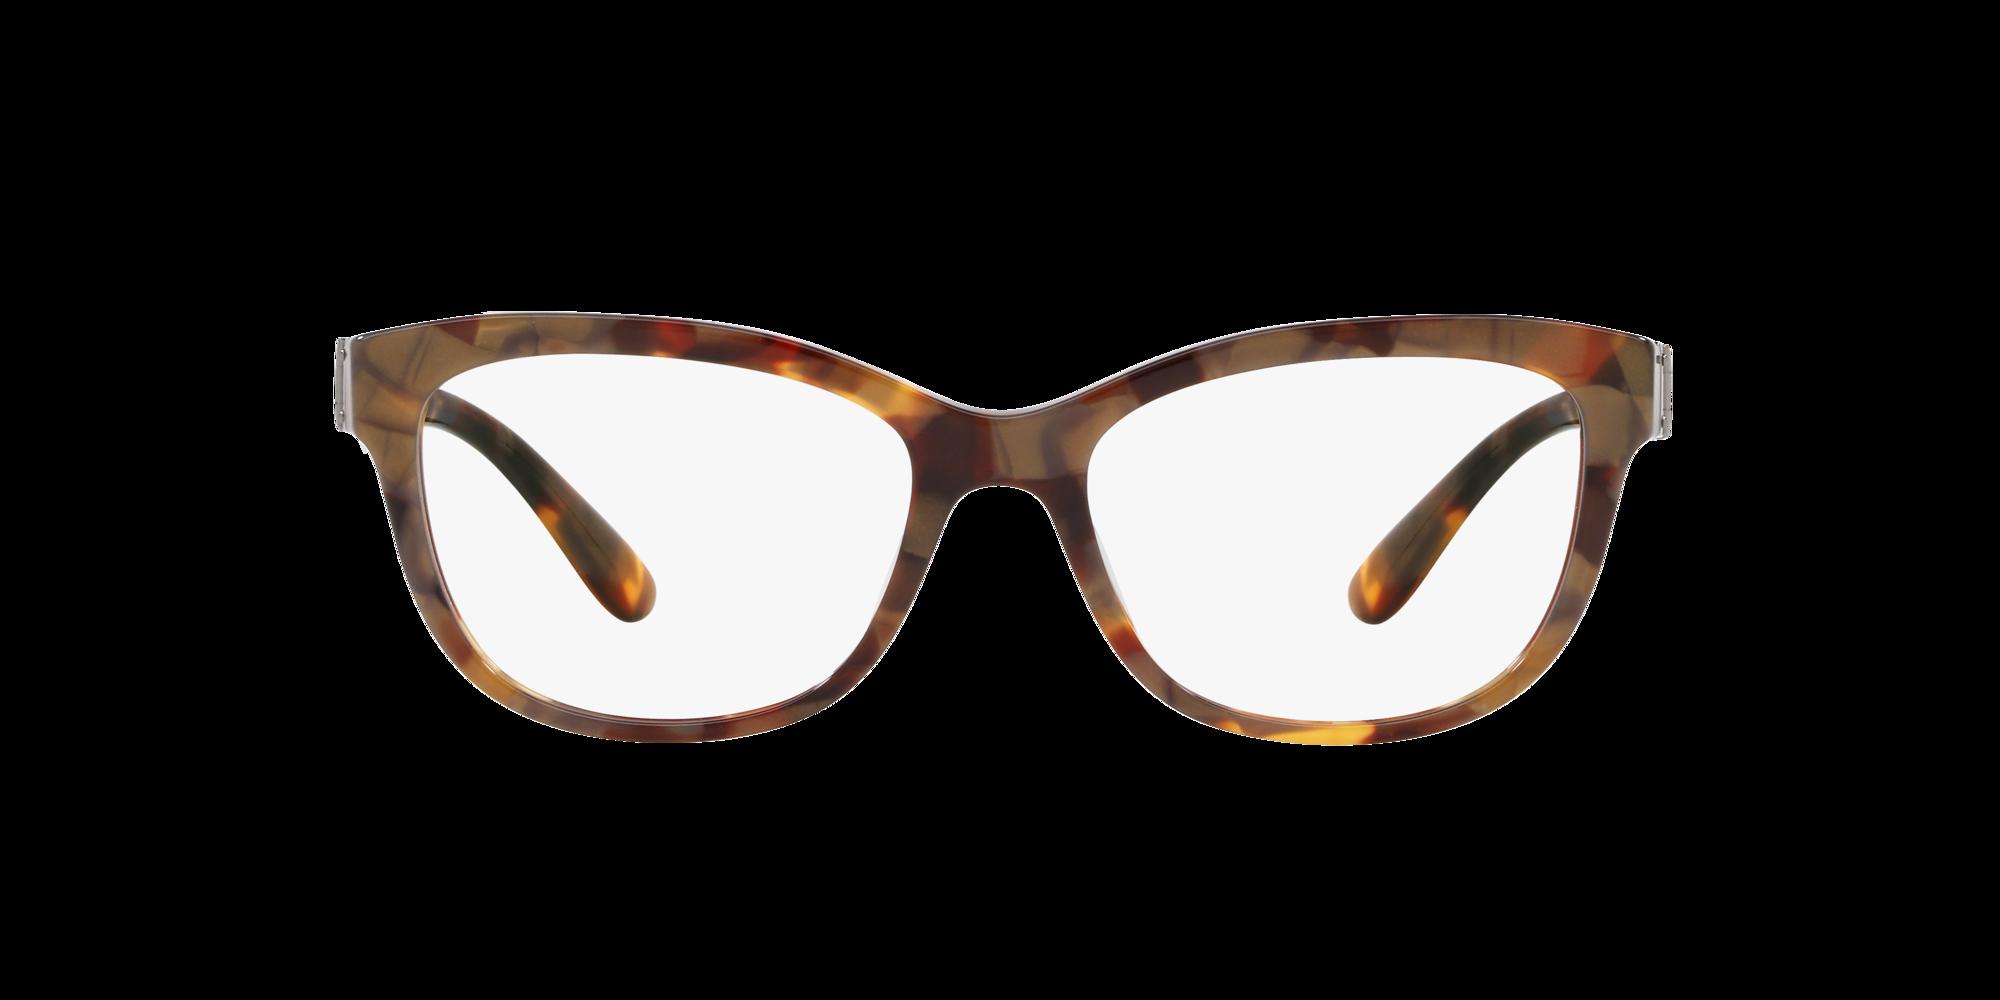 Imagen para DG3290 de LensCrafters |  Espejuelos, espejuelos graduados en línea, gafas